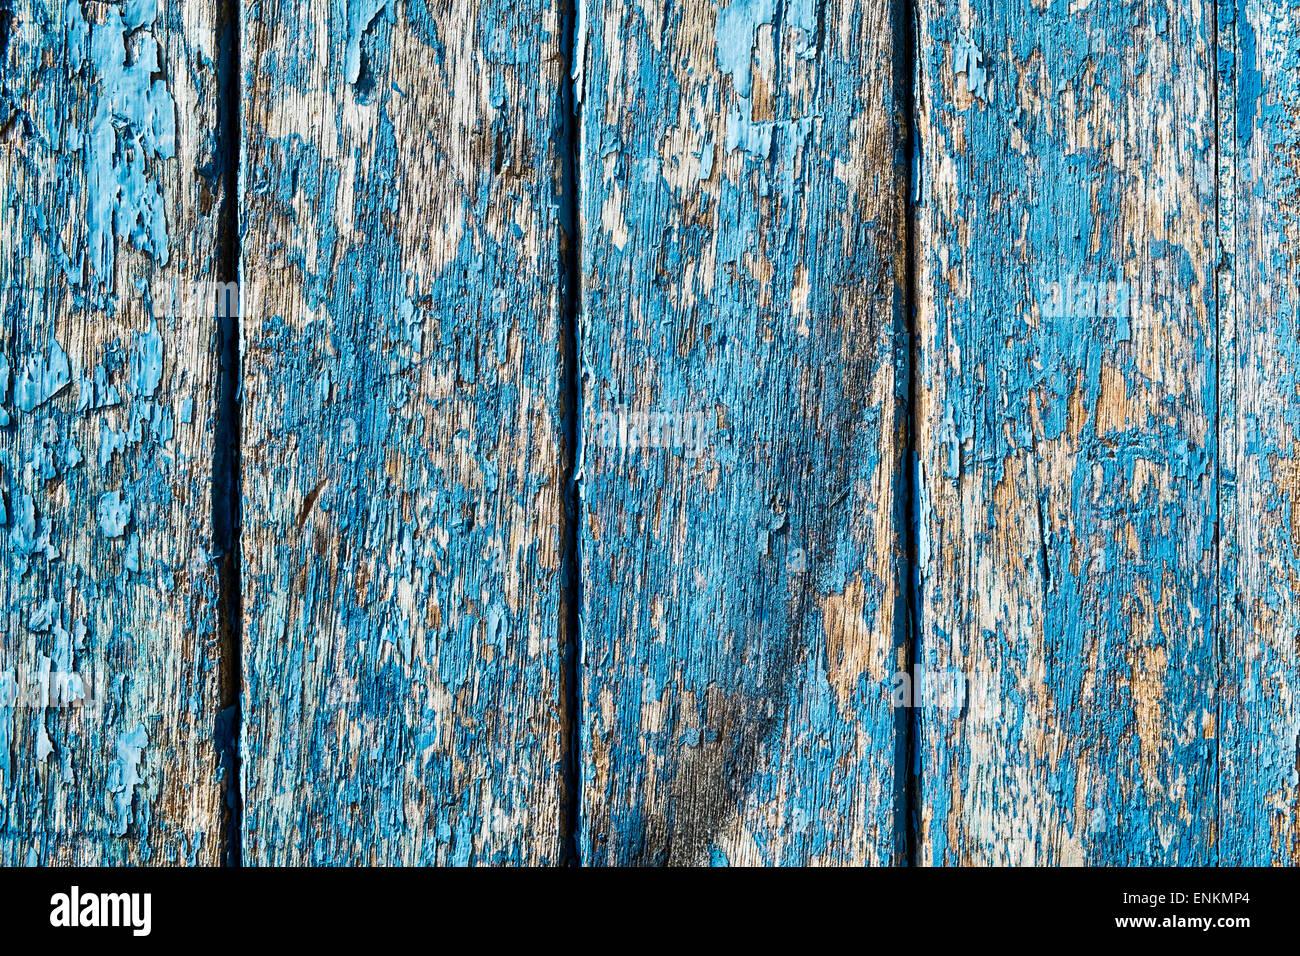 L'article de porte avec de la peinture bleue de déroulage Photo Stock